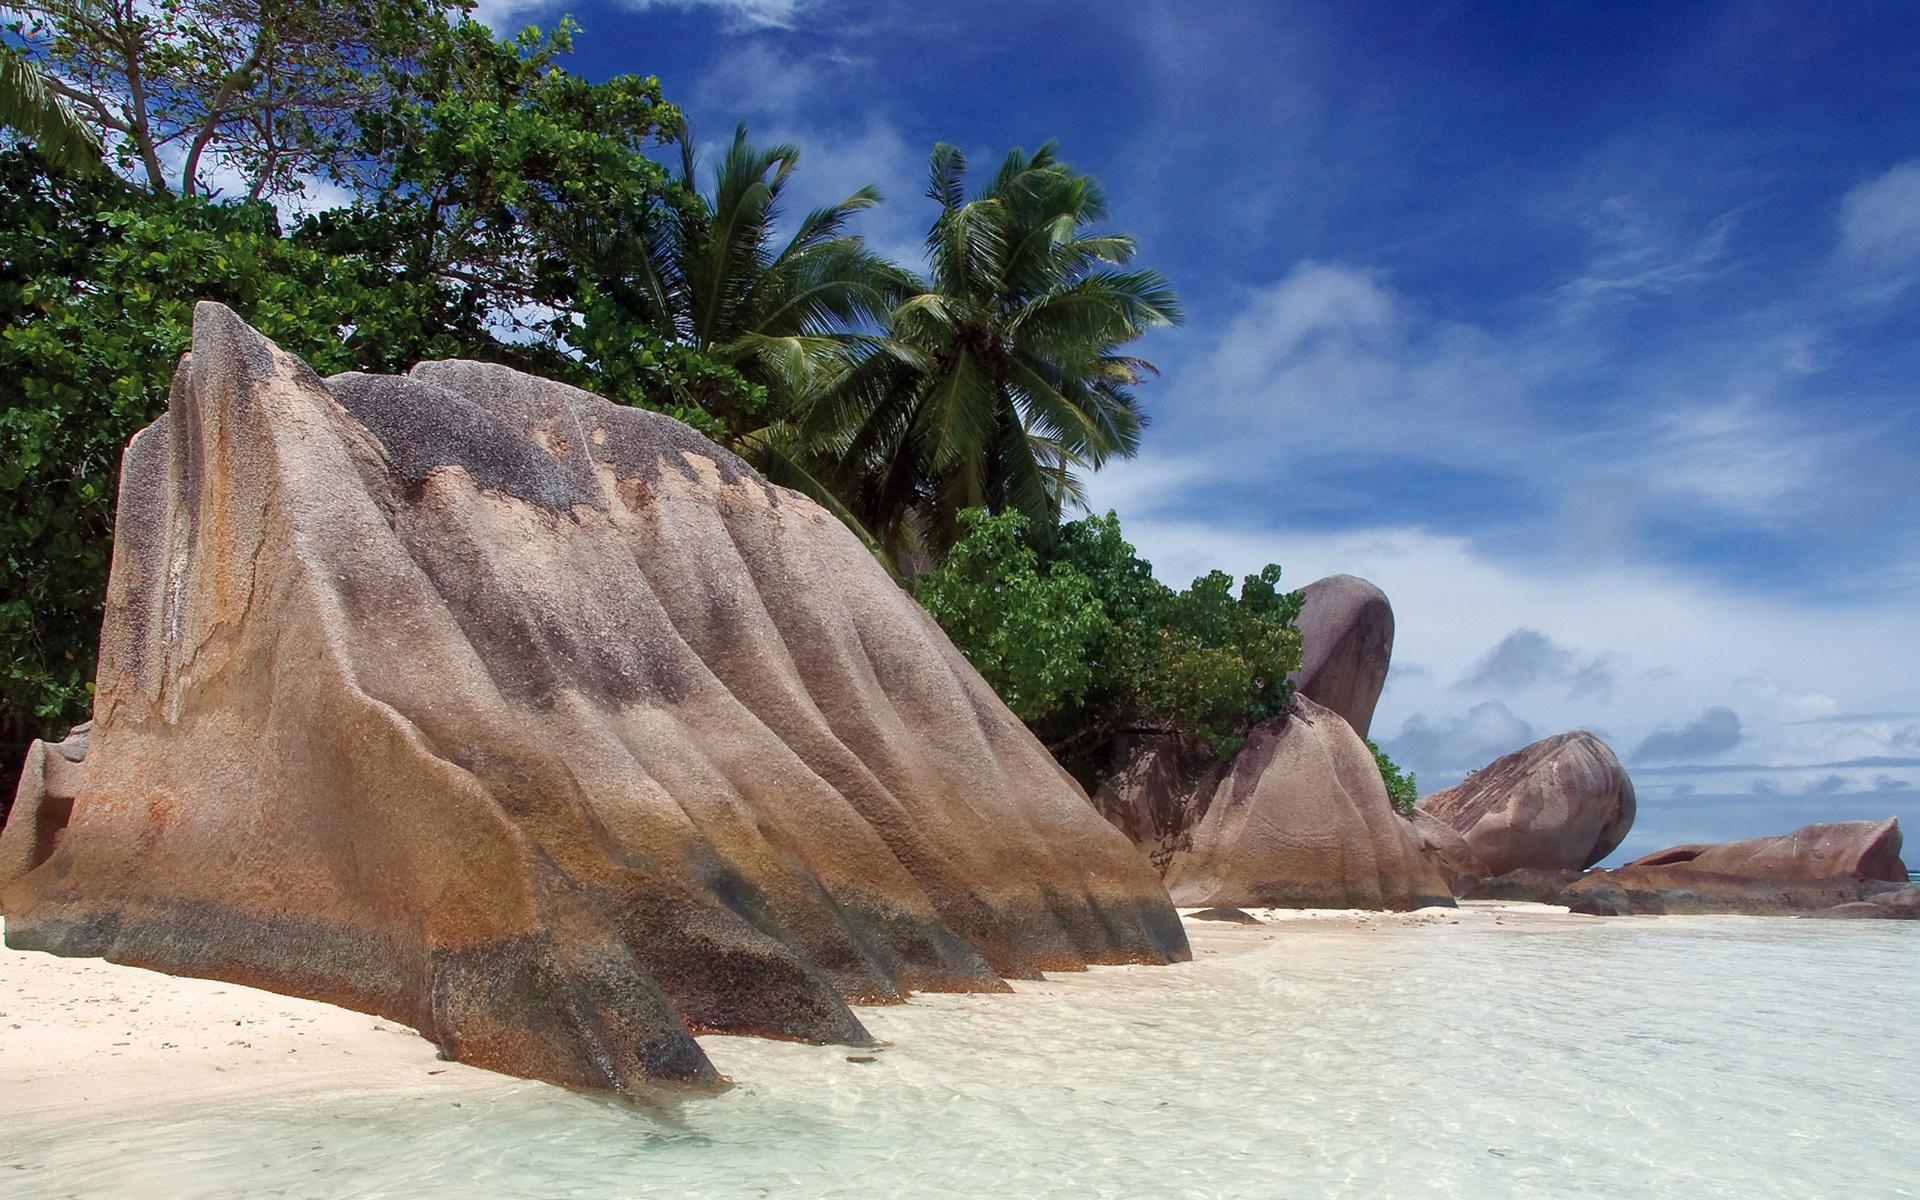 берег камни пальмы shore stones palm trees скачать